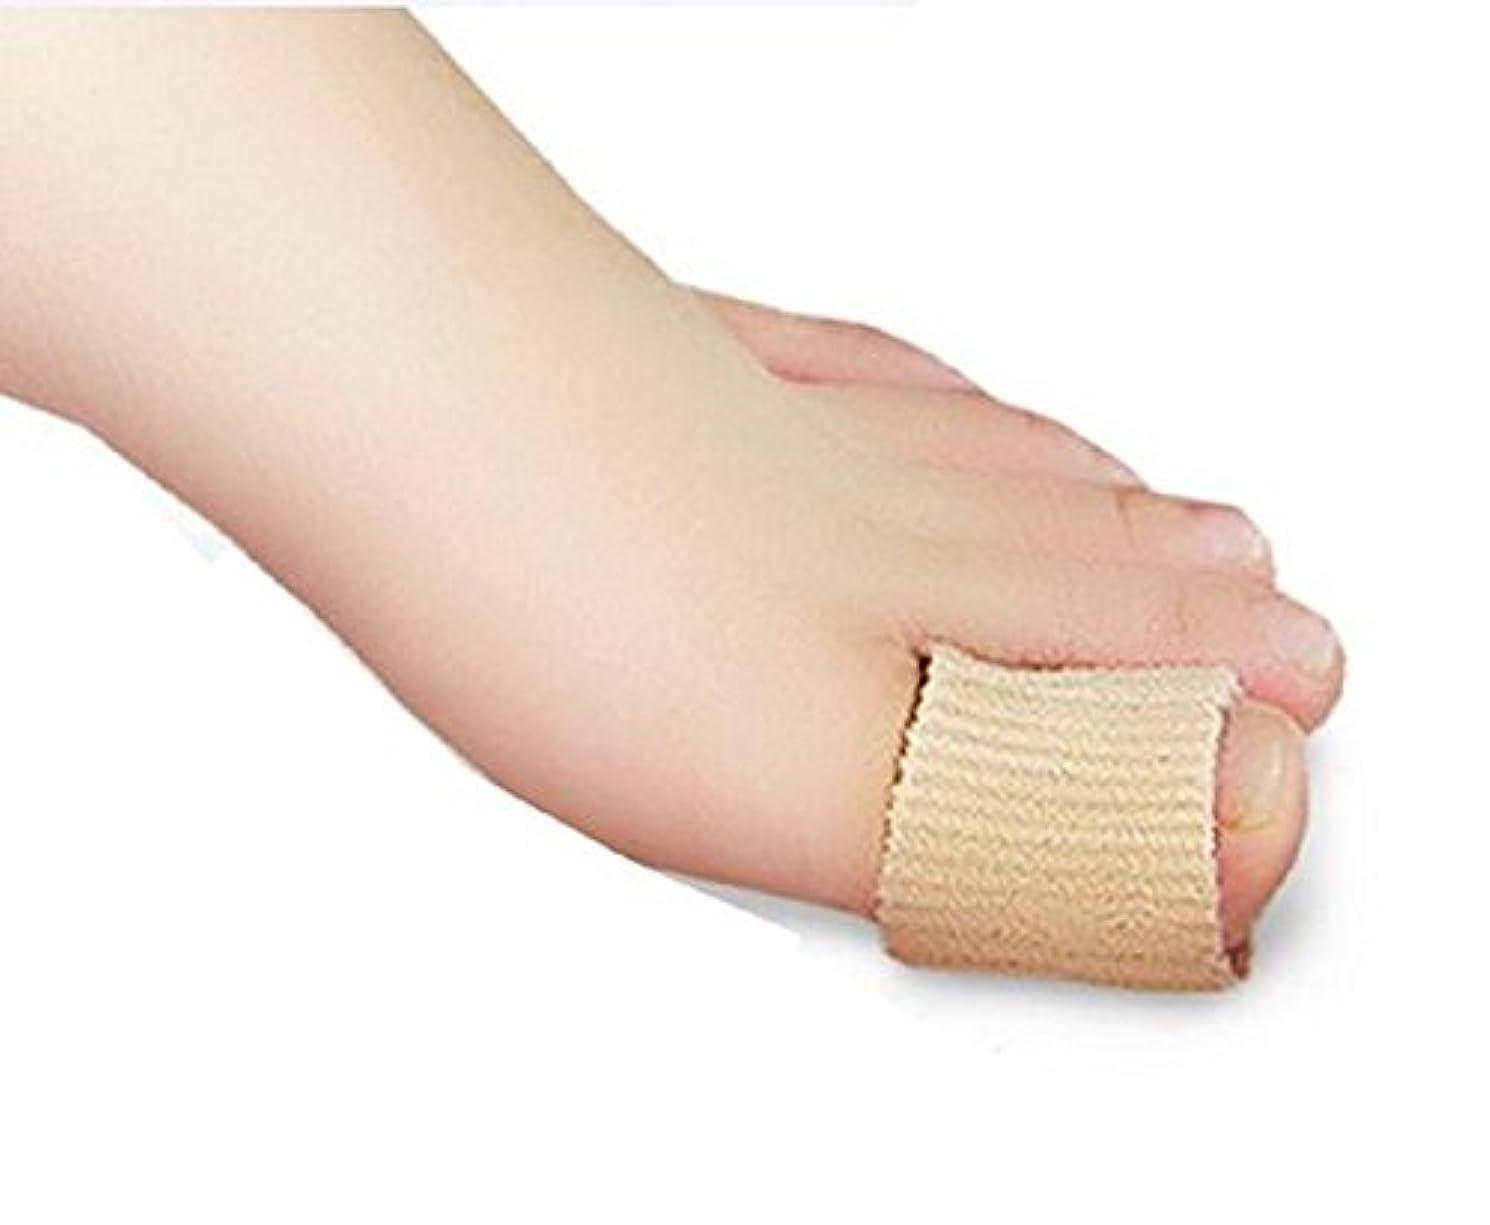 手順所属権限I BECOME FREE 足指保護パッド 手の指 突き指 足まめ マメ 水虫 腫れ 内部のジェルで優しく包みます